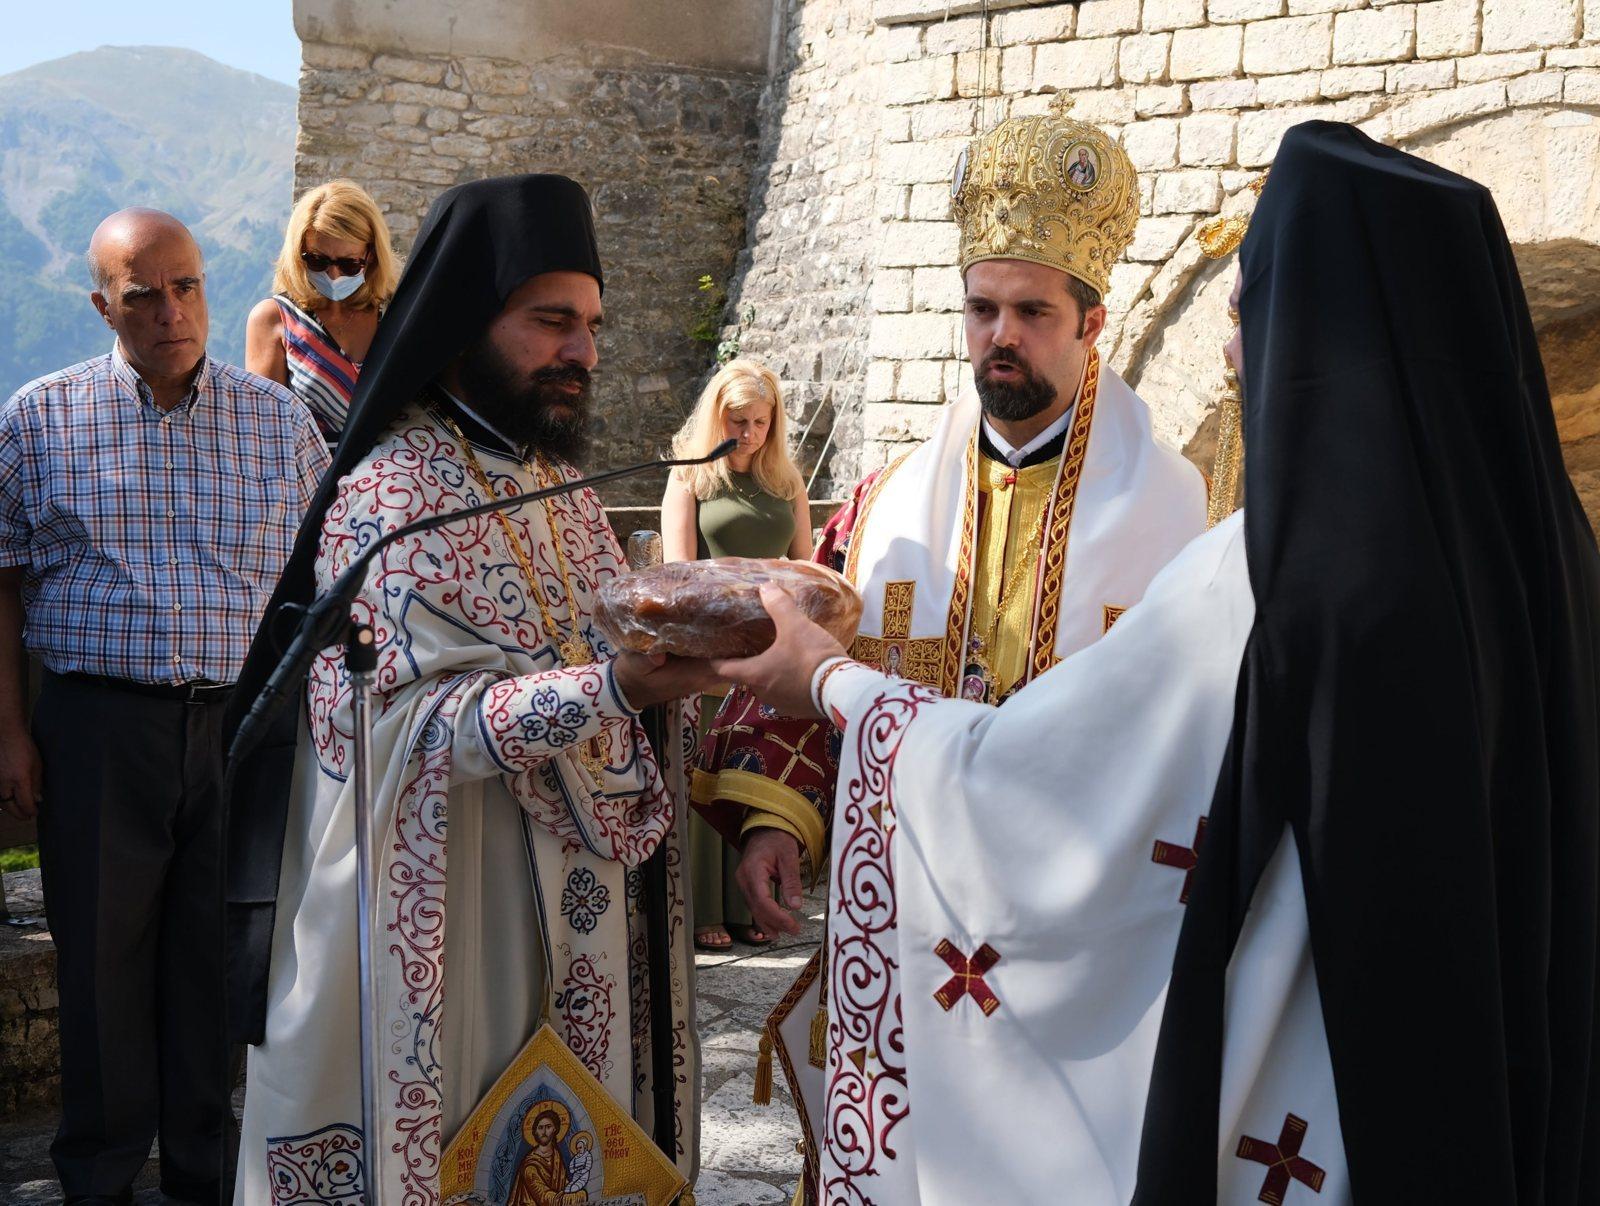 DSCF7944  - Ο Επίσκοπος Μελιτηνής στην Ι. Μονή Παναγίας Πελεκητής